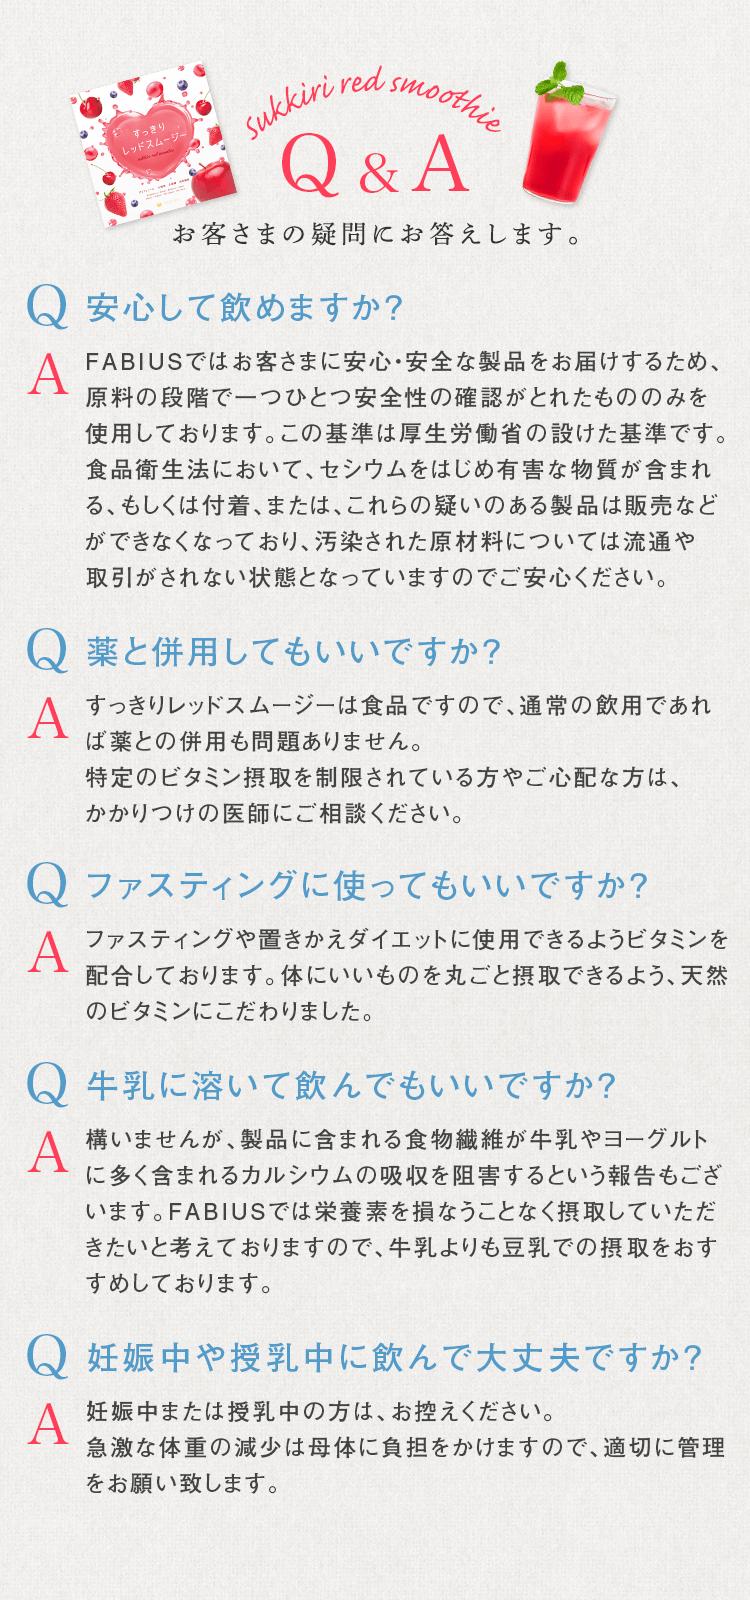 Q&A お客さまの疑問にお答えします。